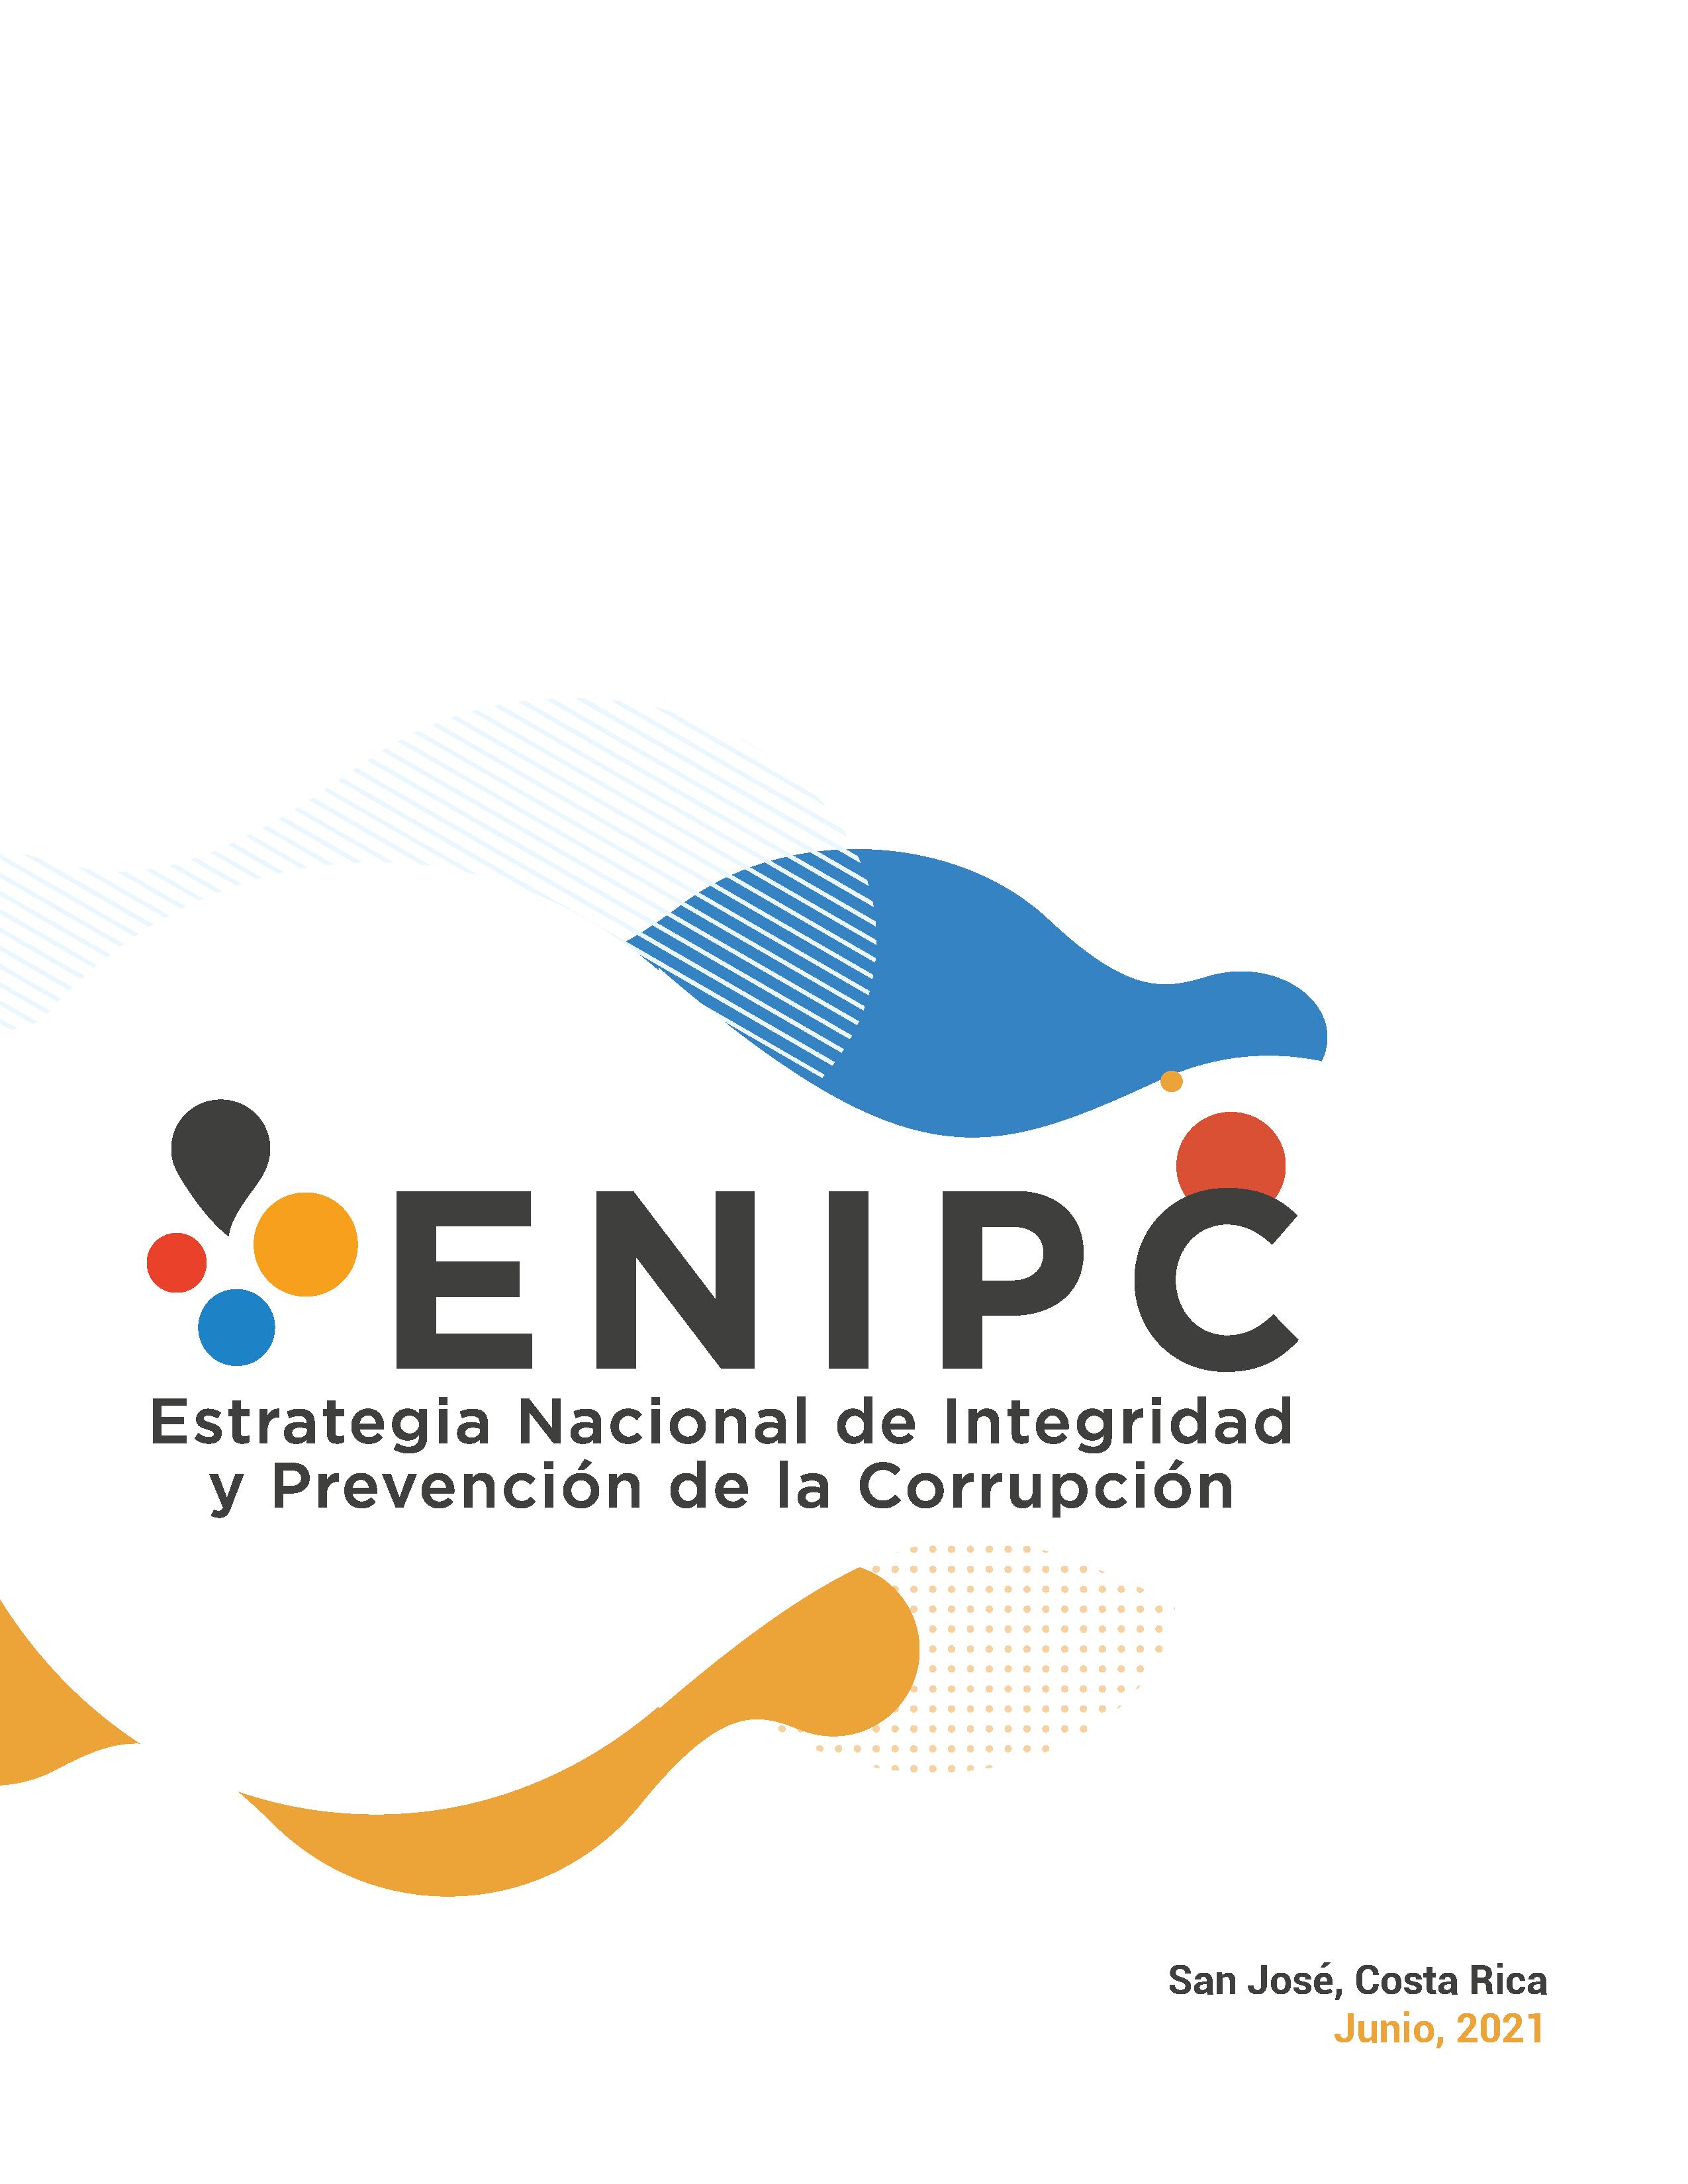 Estrategia Nacional de Integridad y Prevención de la Corrupción 2021-2030